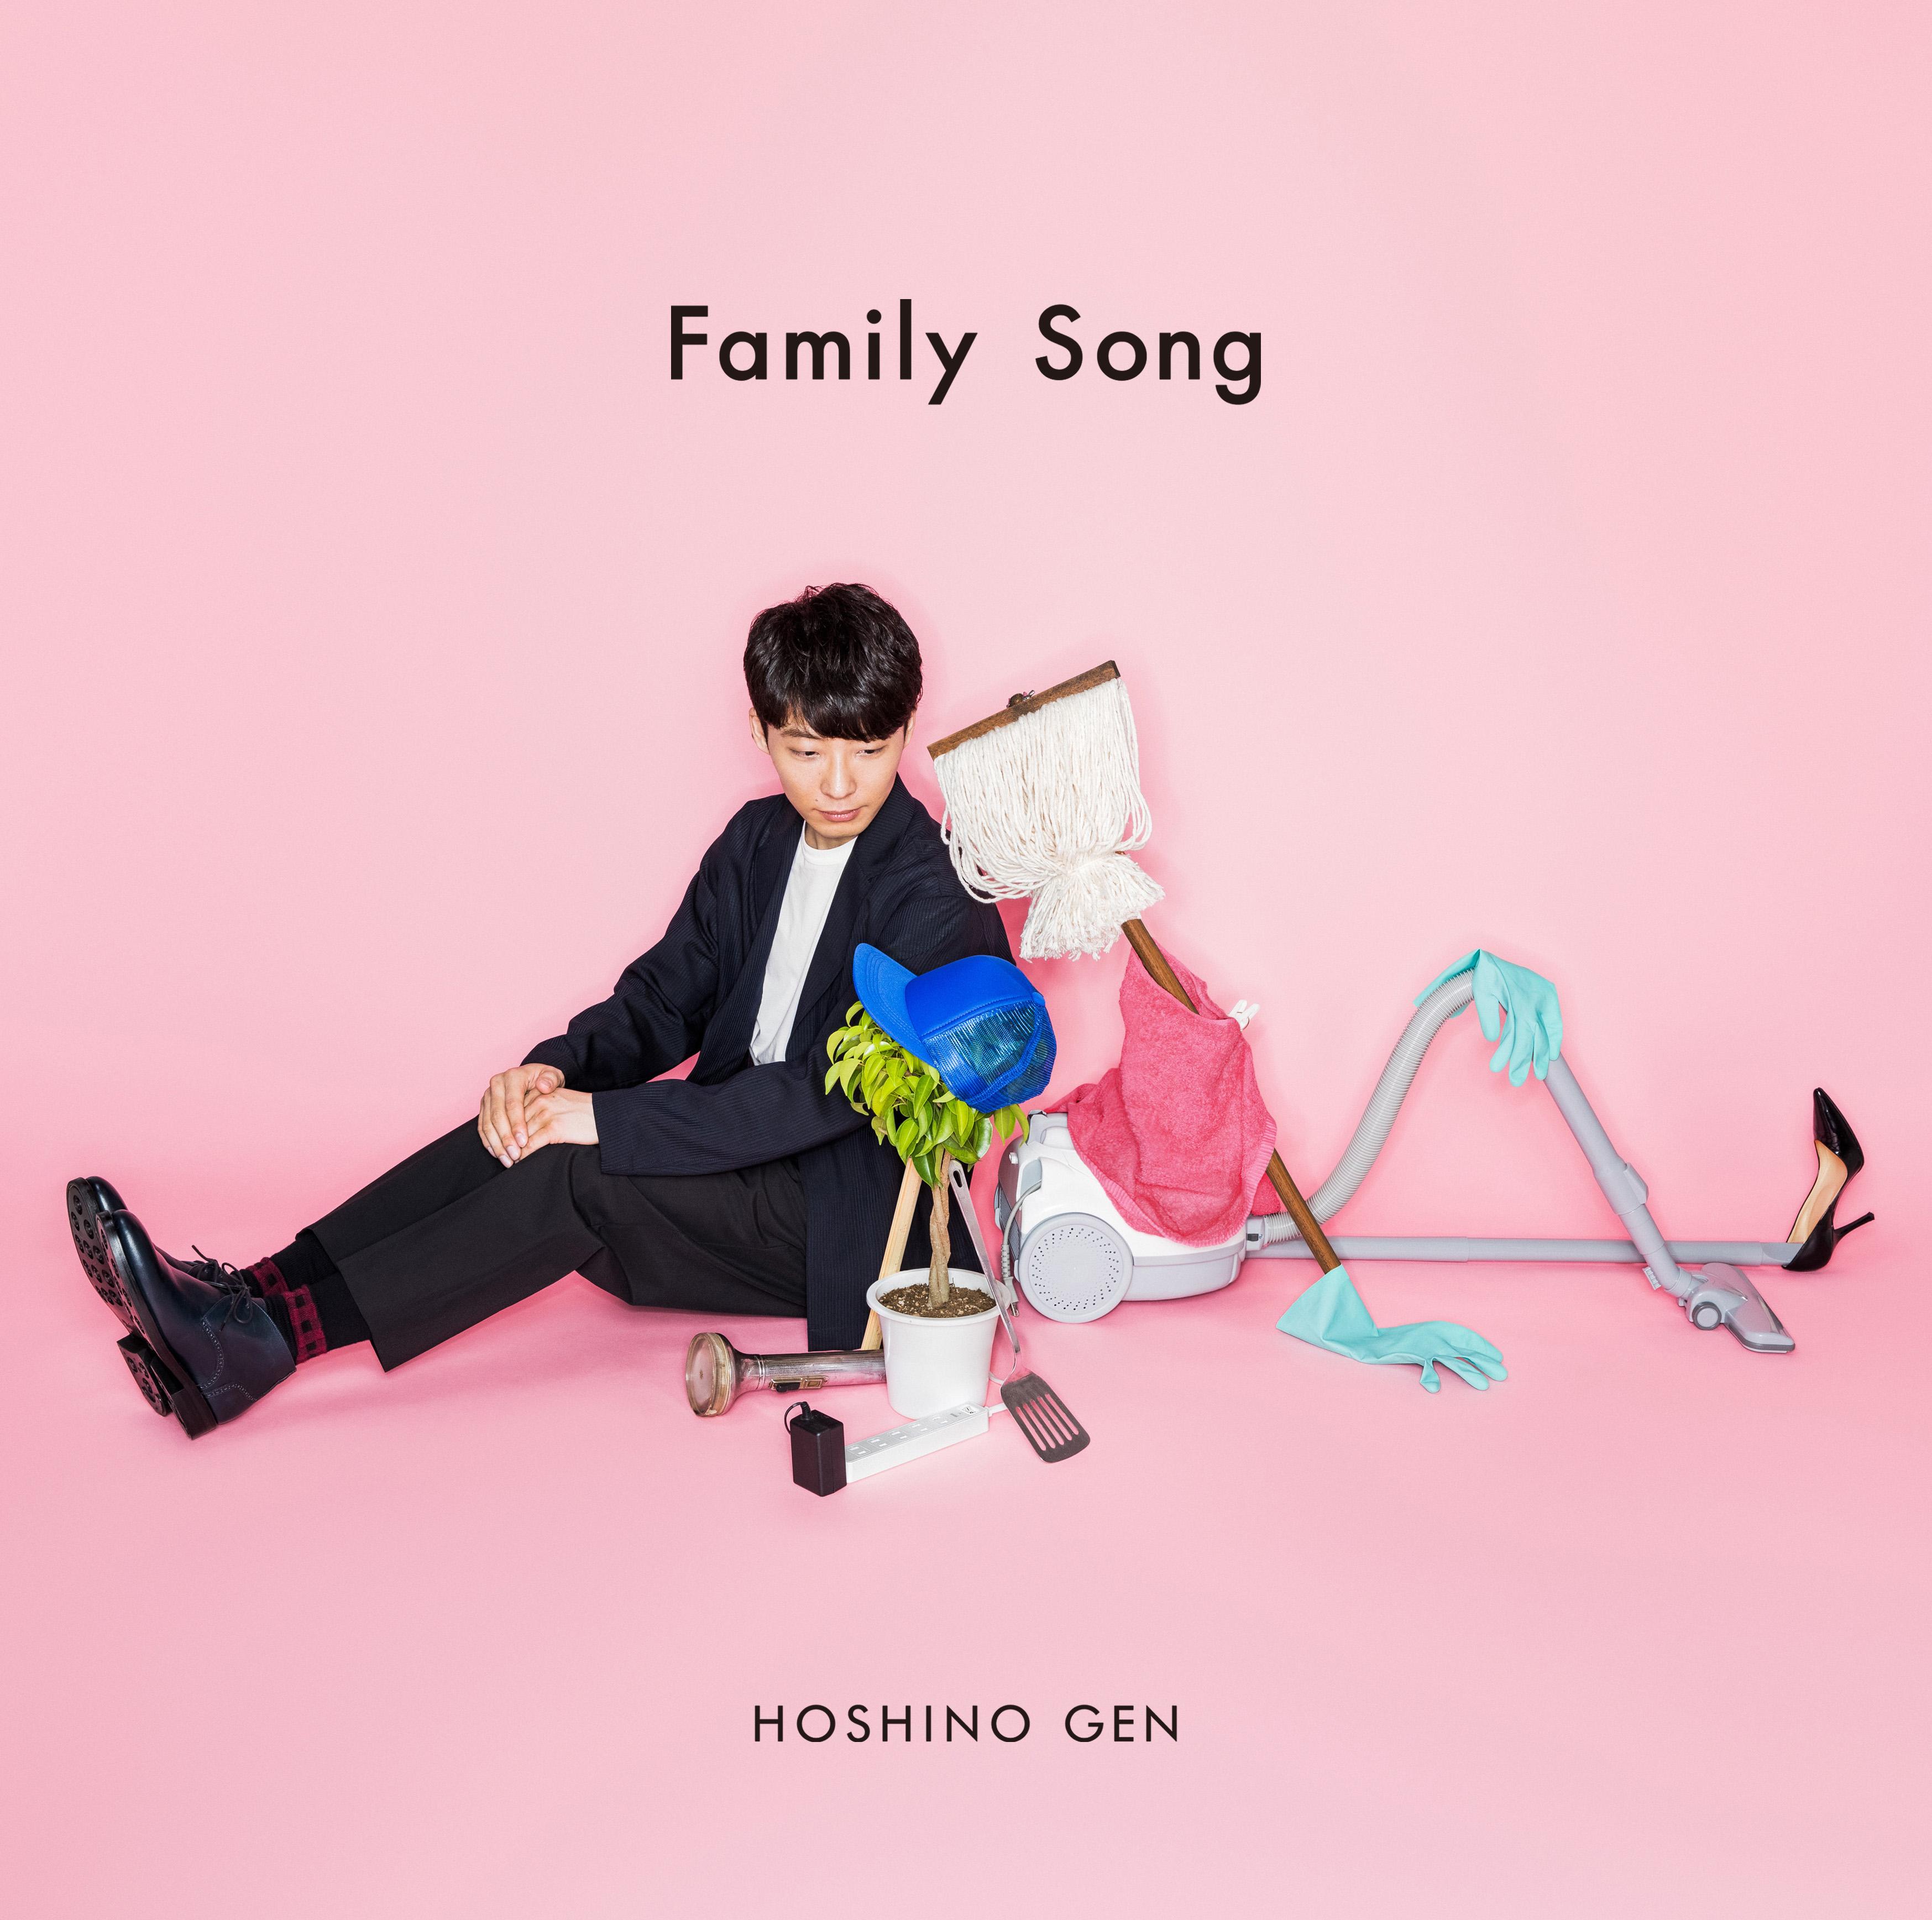 星野源、10作目のニューシングル『Family Song』詳細発表! 初回限定盤には 厳選ライブ映像も収録決定!